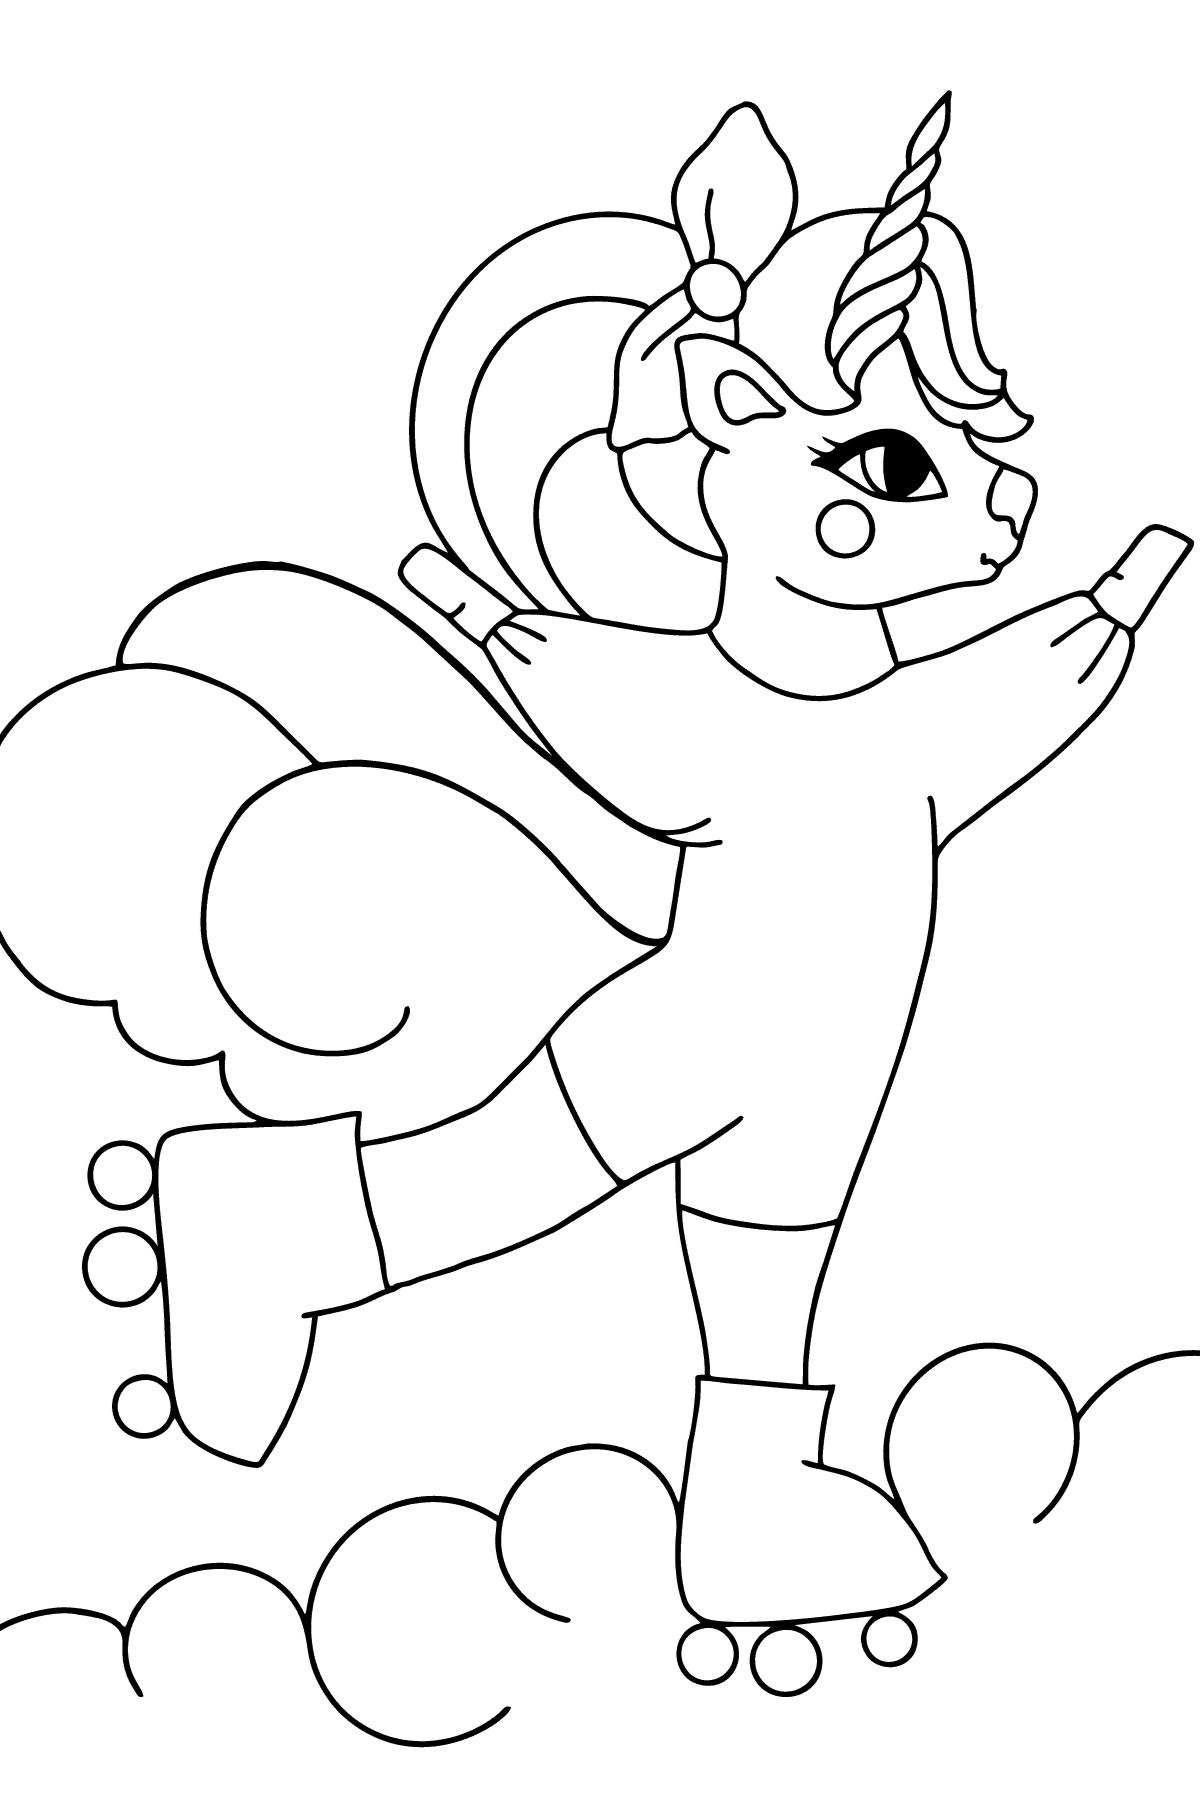 Раскраска Милый Единорог - Картинки для Детей